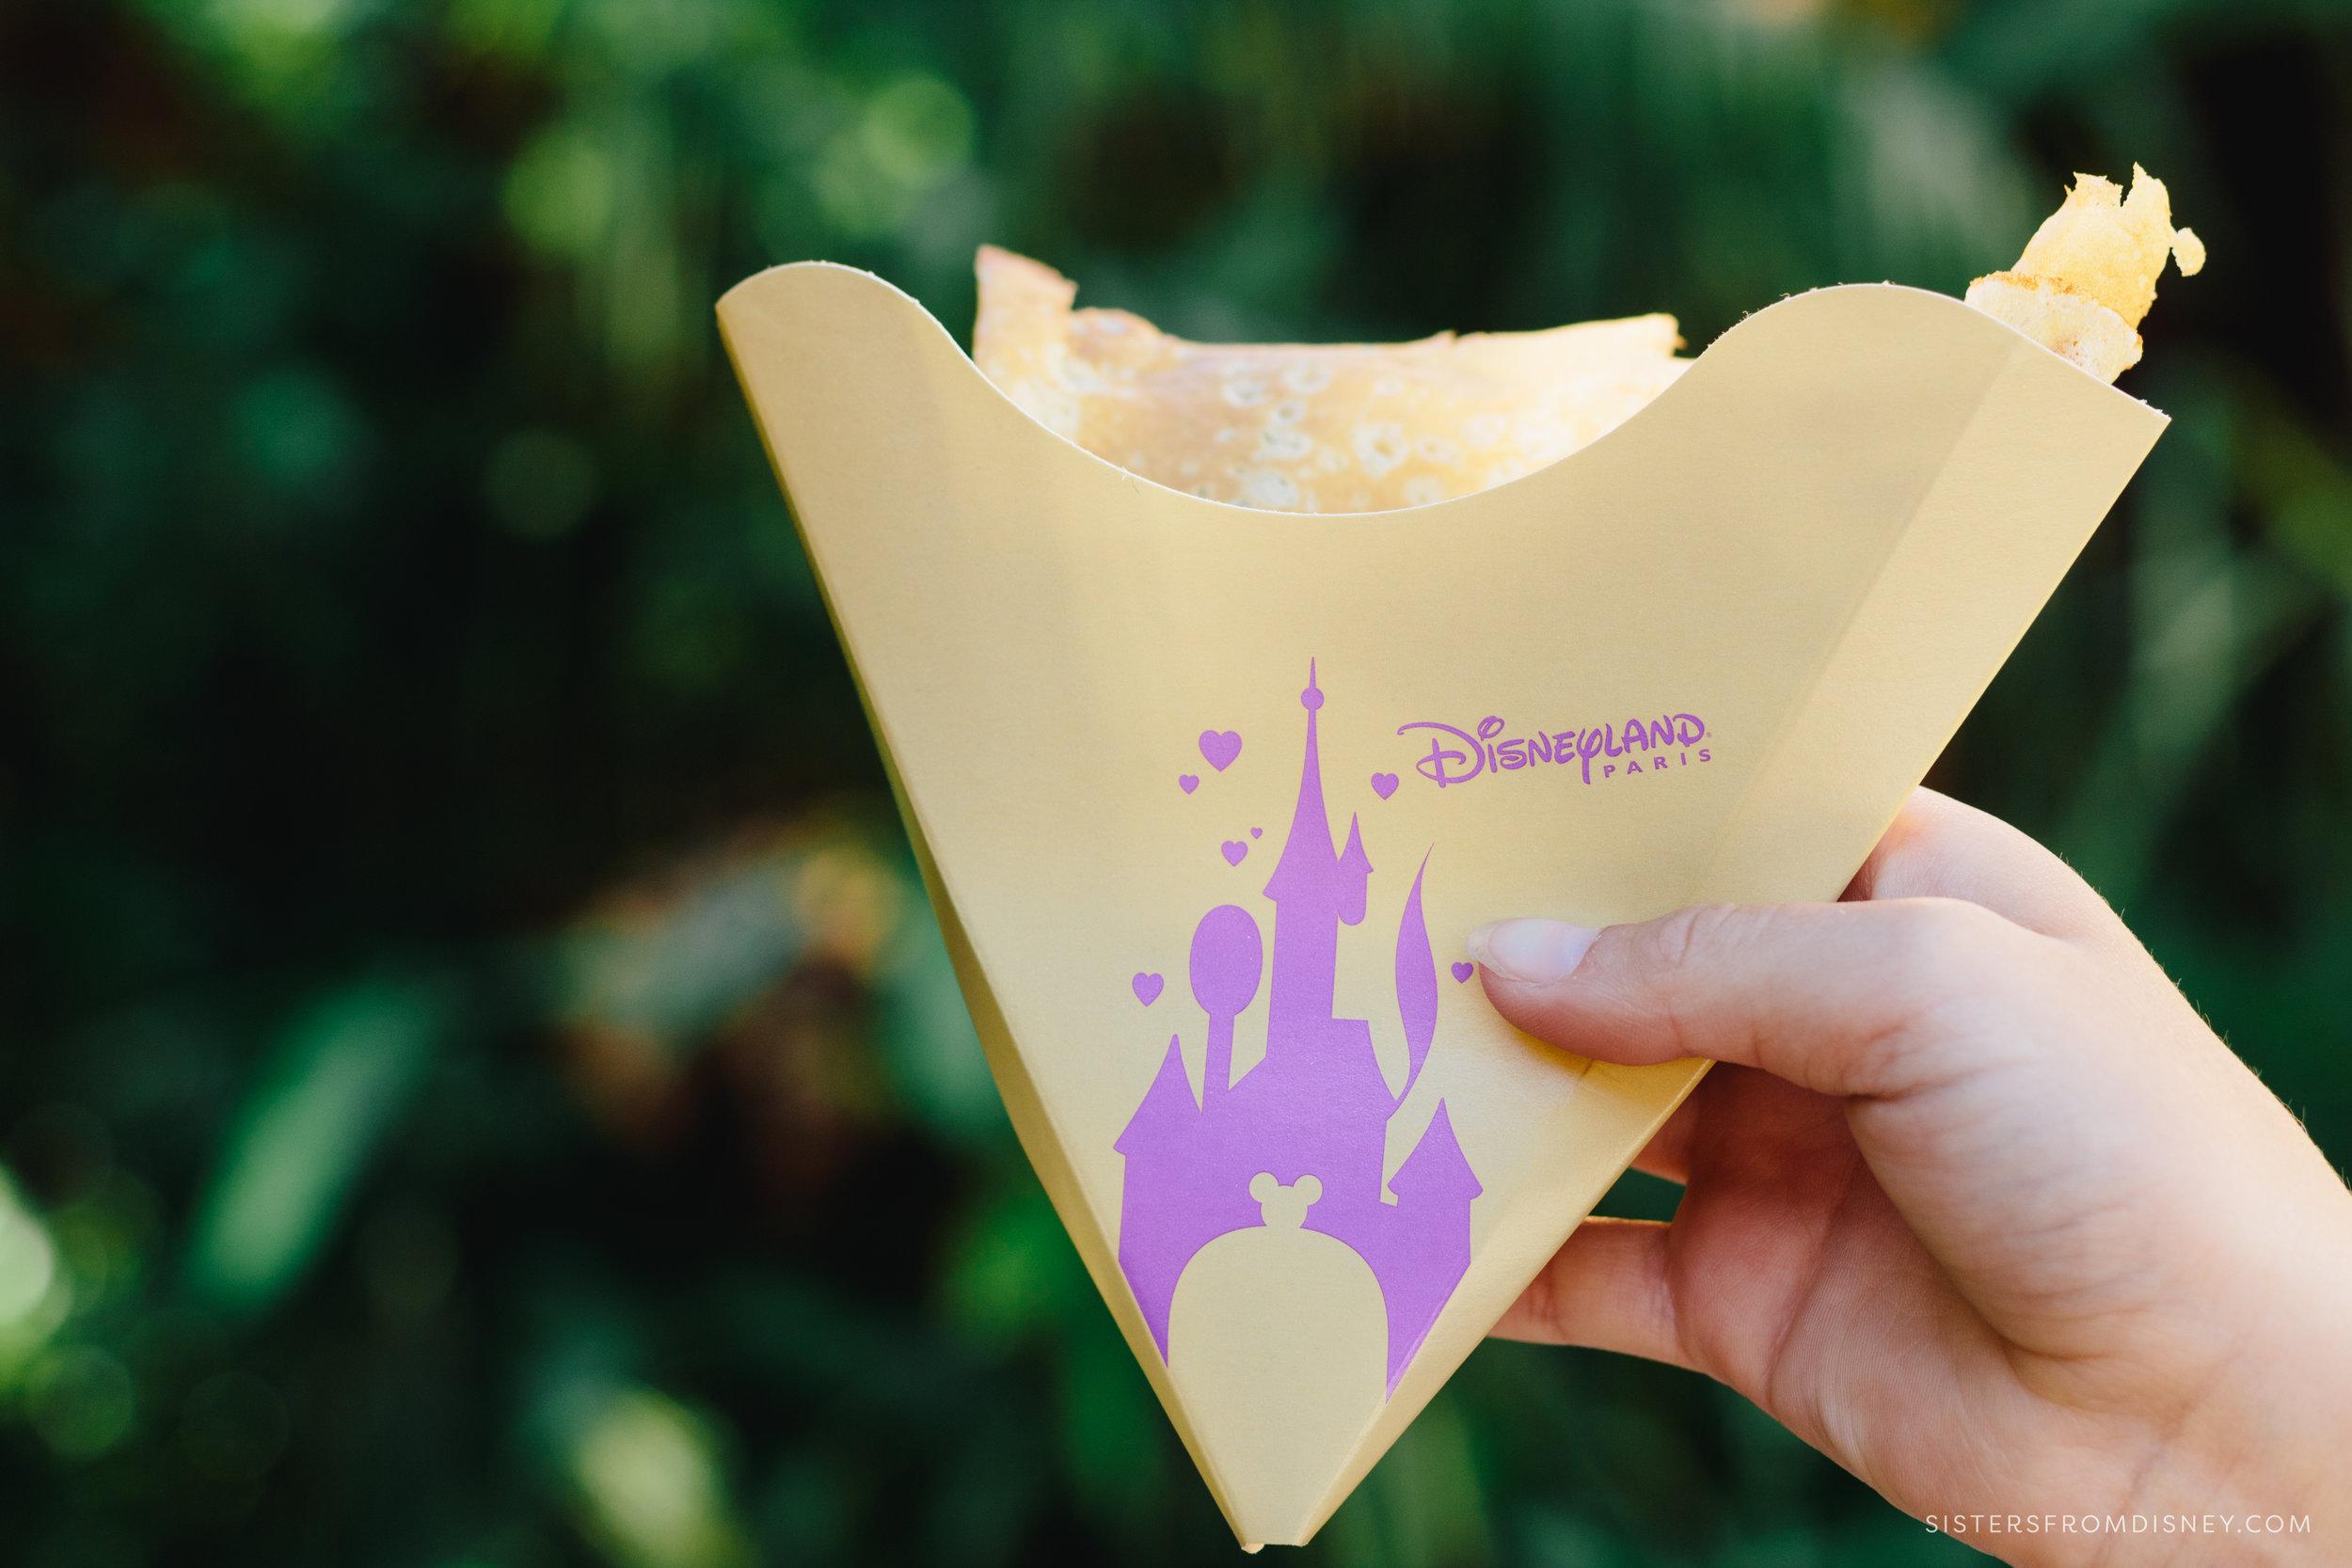 2018June_SFDblog_DisneylandParis_Watermark-3638.jpg